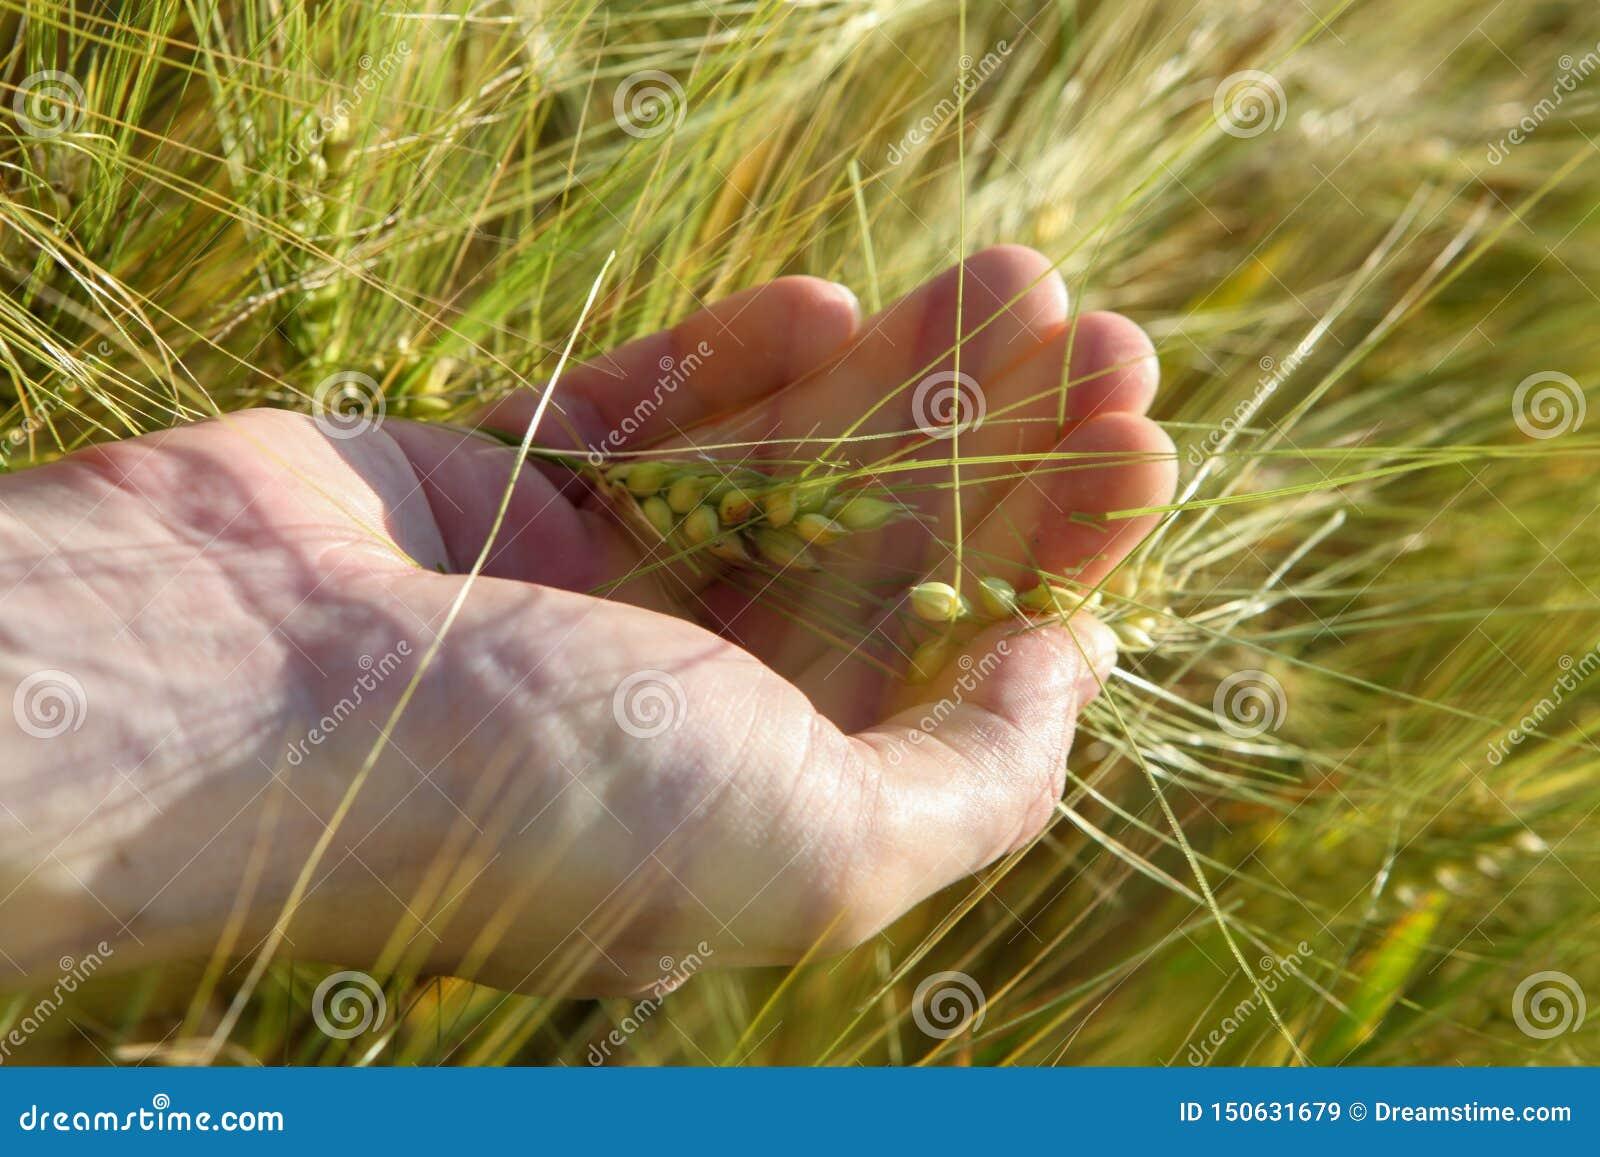 Trigo na palma no campo no verão